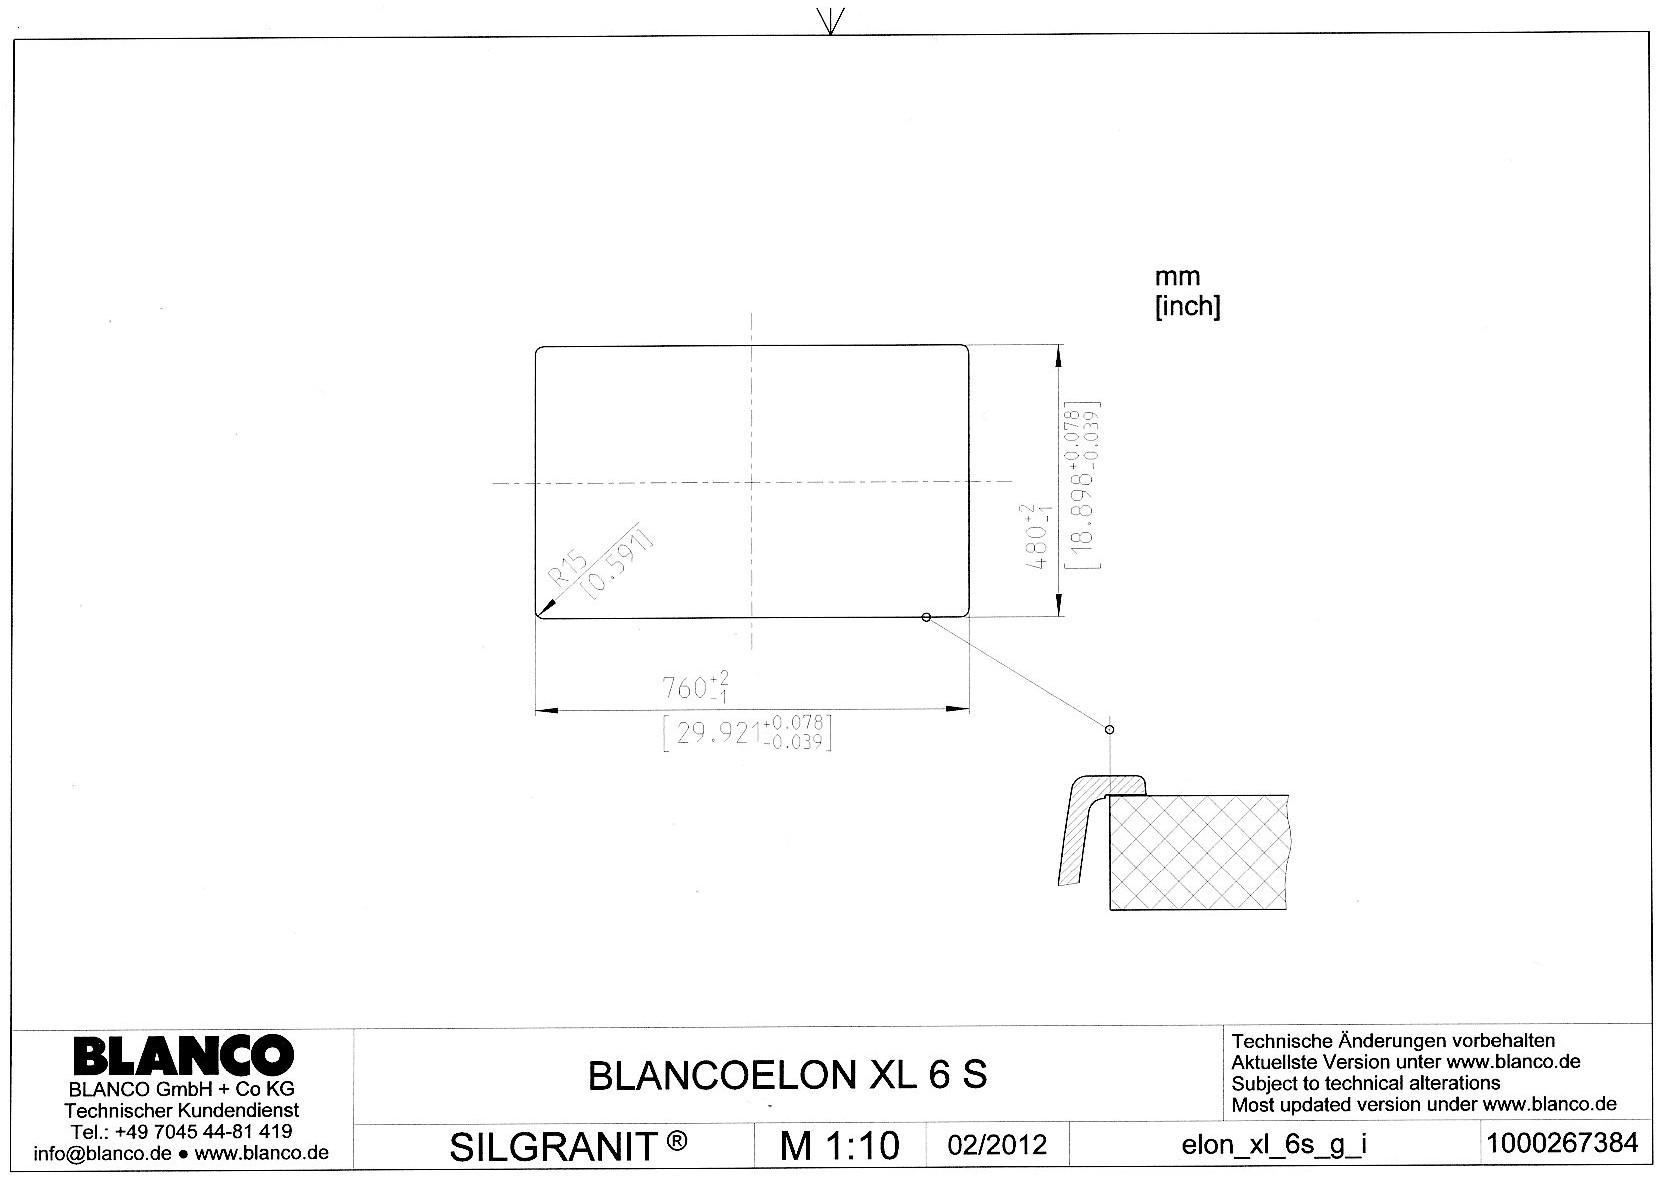 Мойка Blanco ELON XL 6 S (шаблон для выреза)